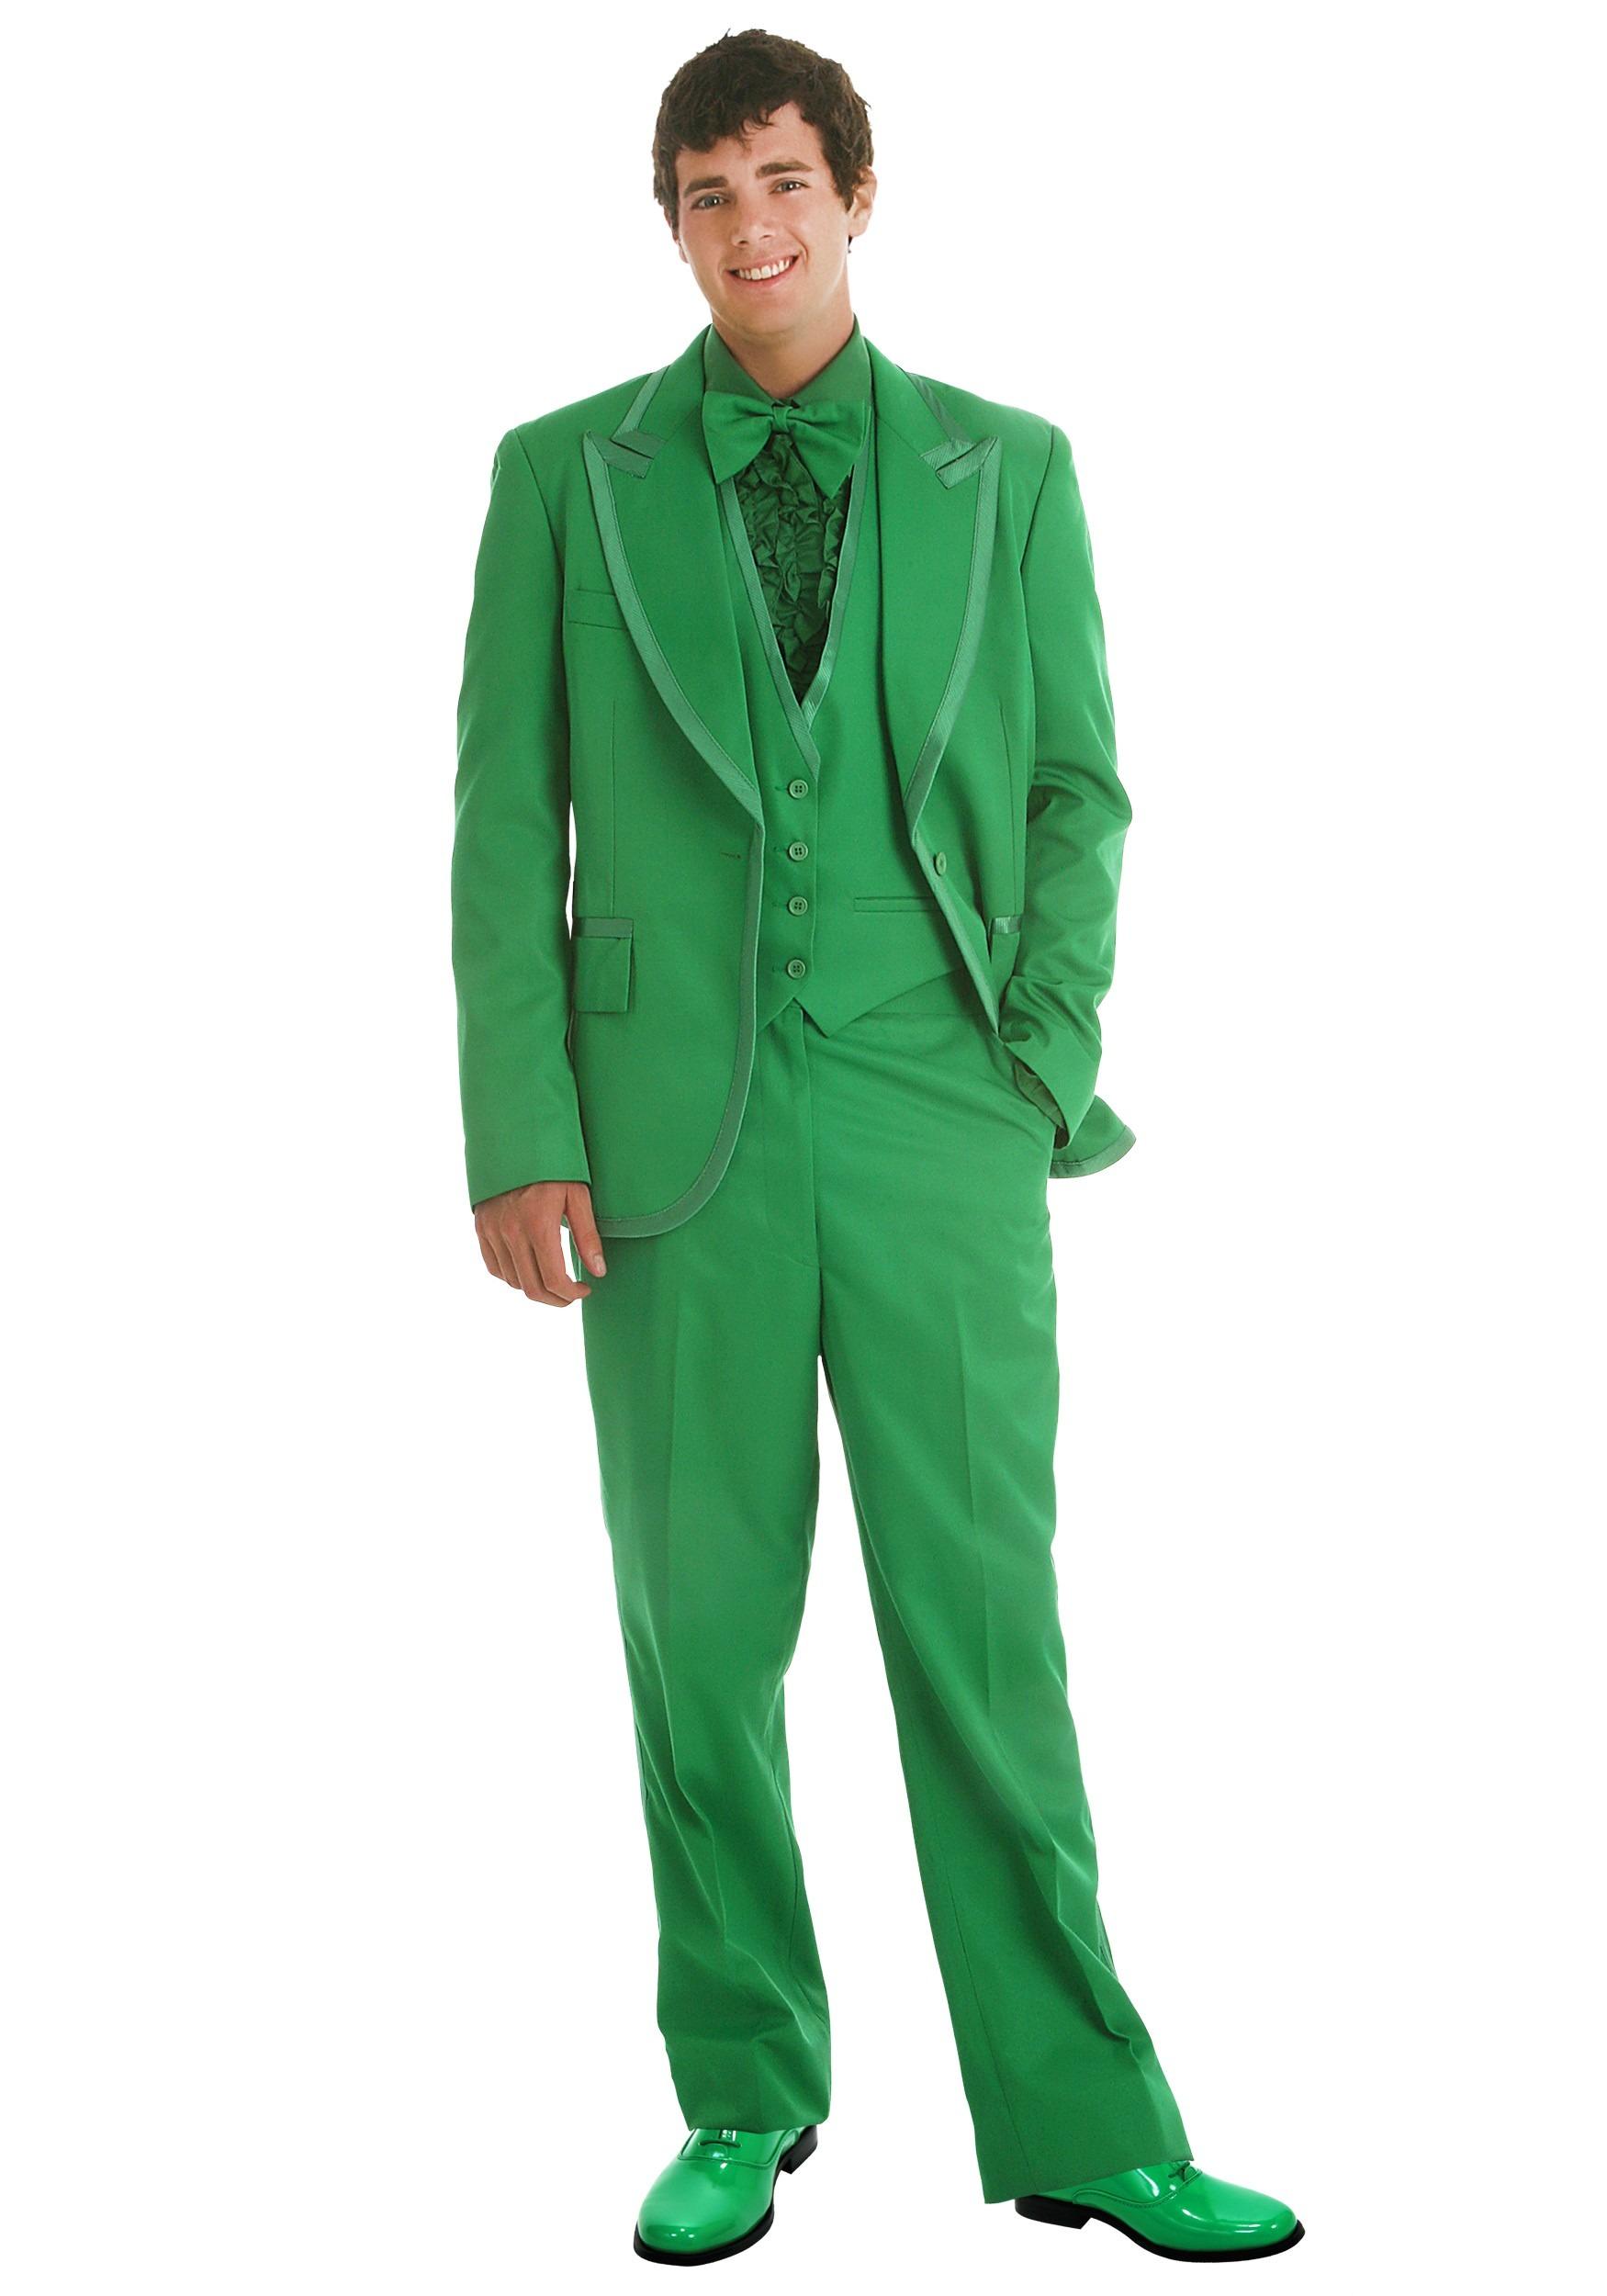 Men\'s Green Tuxedo - Prom Tuxedo Rental